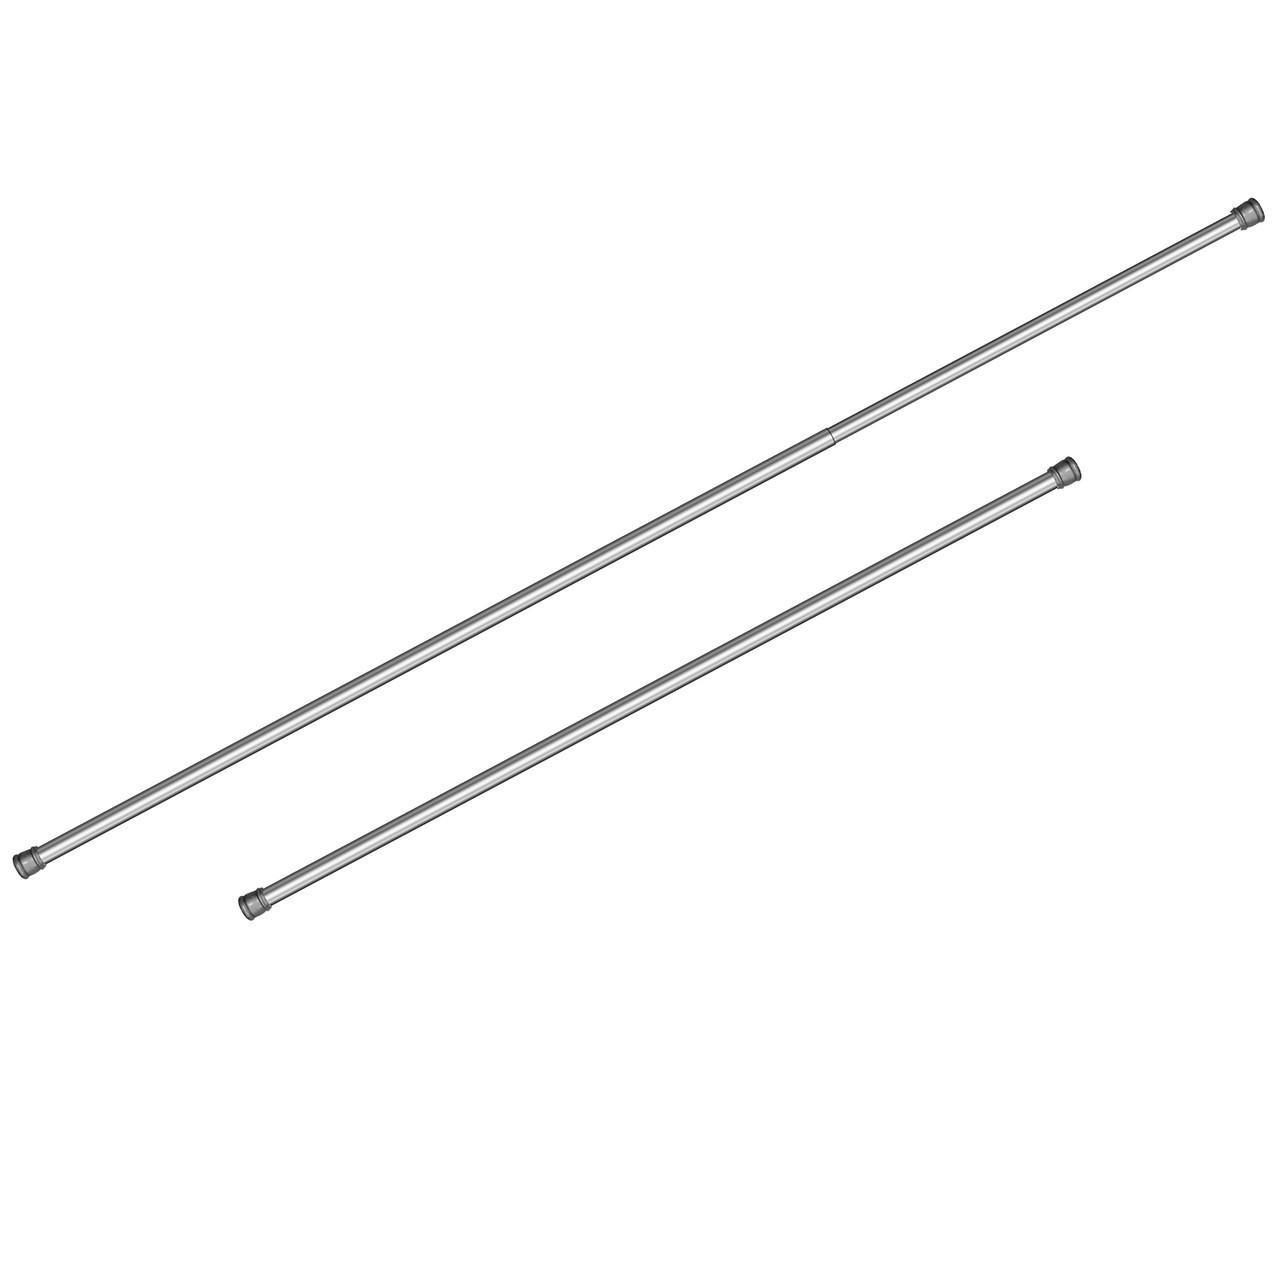 Телескопическая штанга для шторы в ванную комнату Tatkraft 140 х 260 см Серебро 17412, КОД: 145351